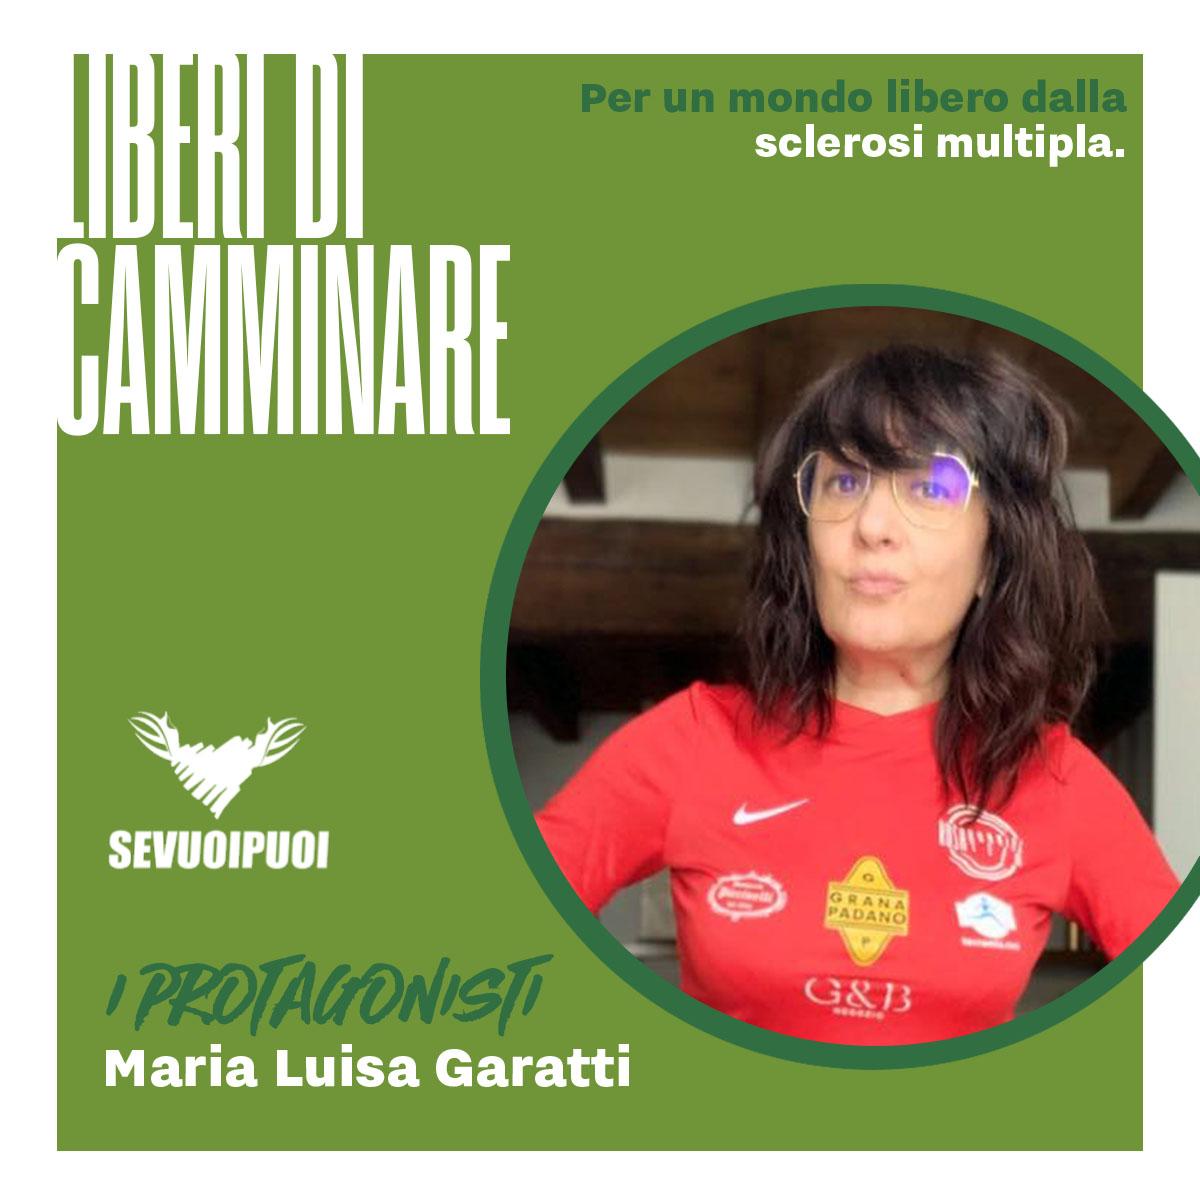 21L 2020 - Liberi di camminare - Protagonisti - Maria Luisa Garatti - v2